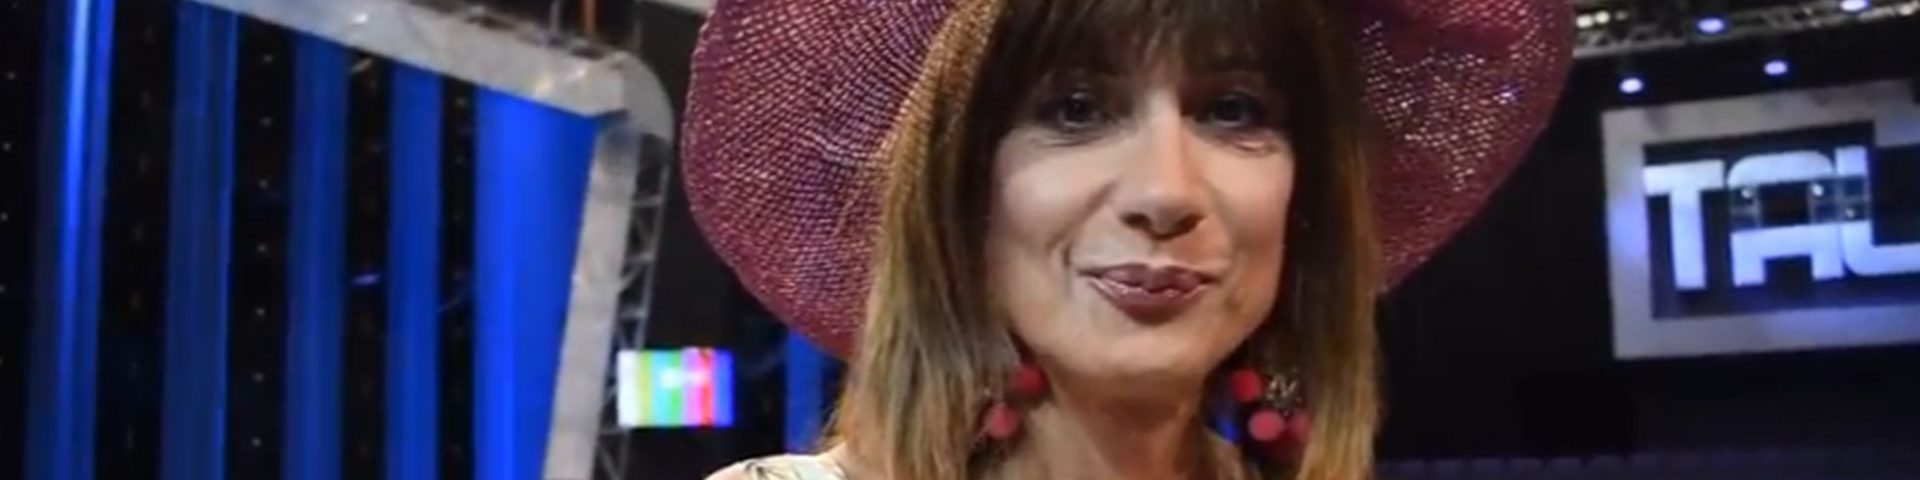 """Vladimir Luxuria trionfa a Tale e Quale Show: """"Ce la sto mettendo tutta"""" - Video"""